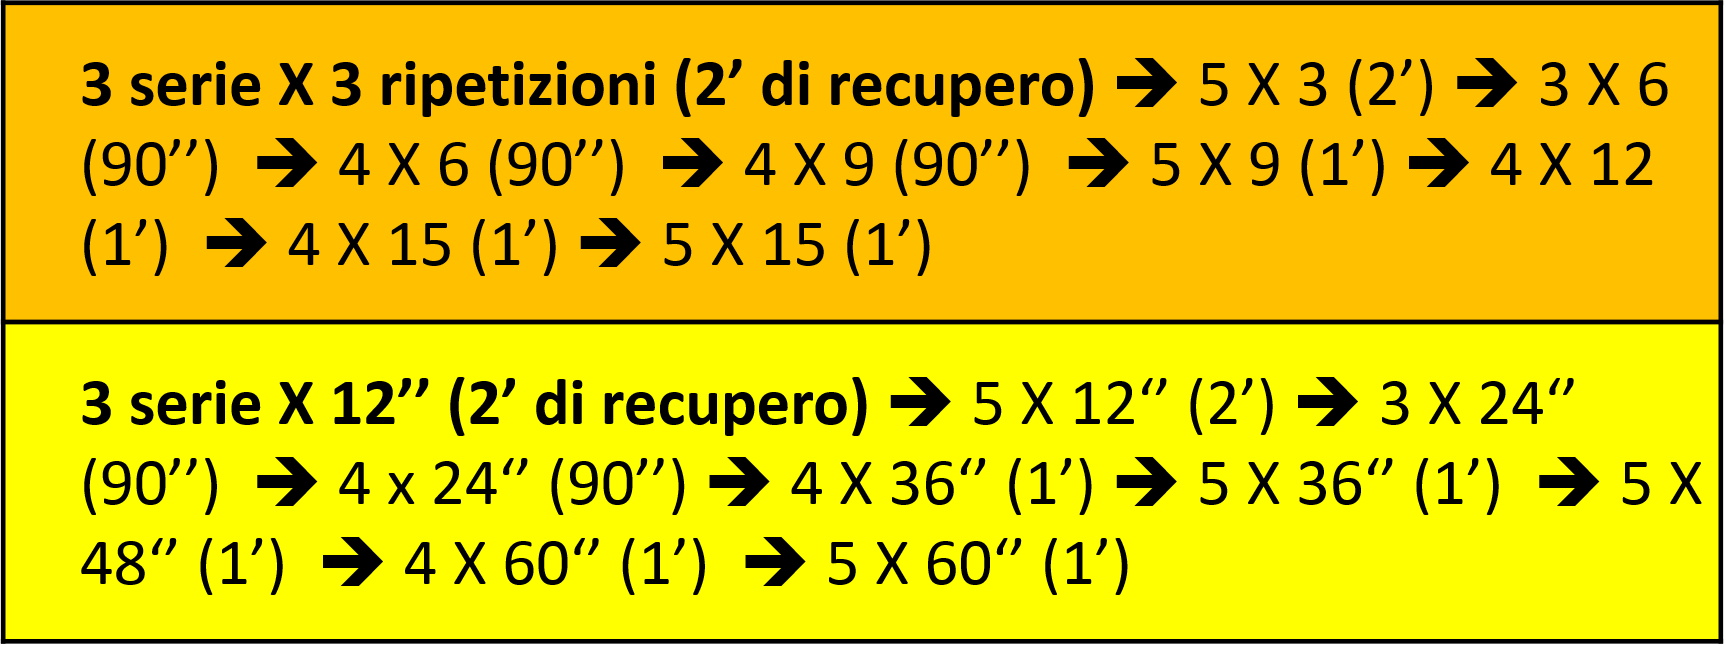 tabella-ripetizioni-secondi